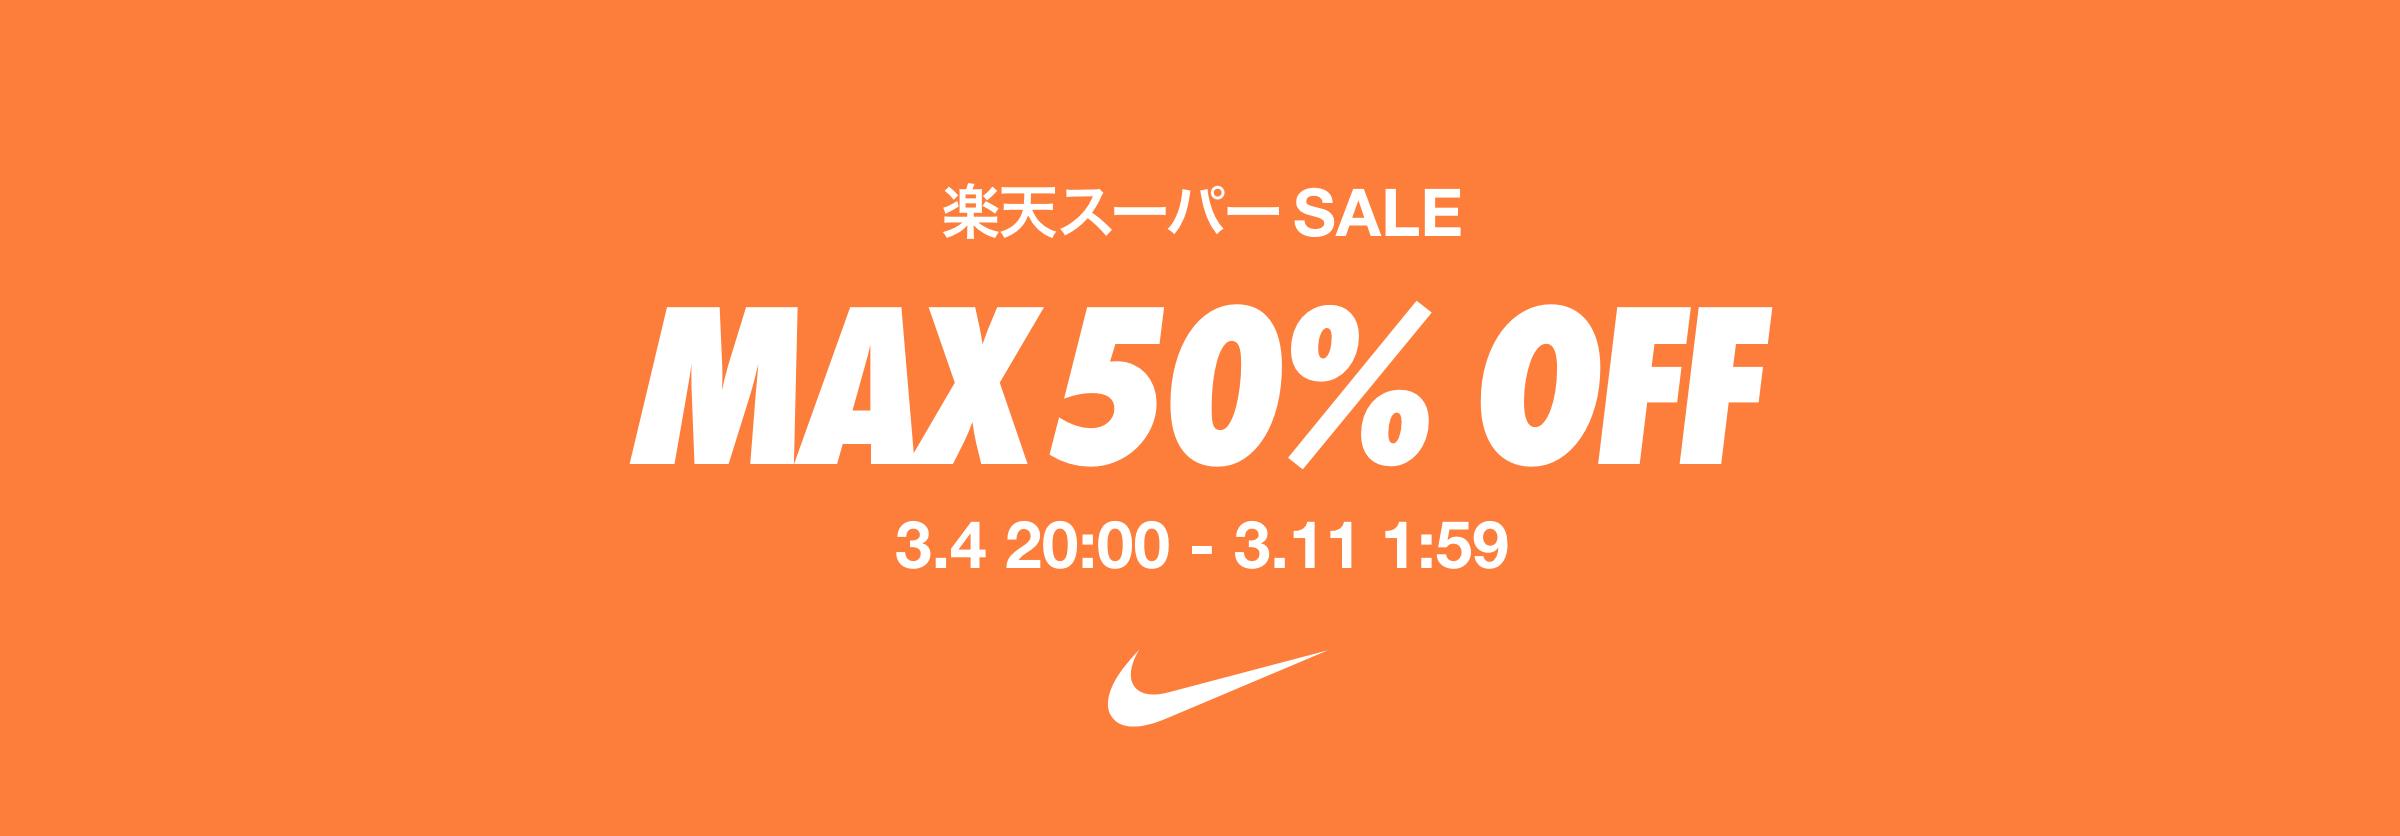 3月4日からNIKE 公式 楽天市場店にて最大50%OFFセールが開催!